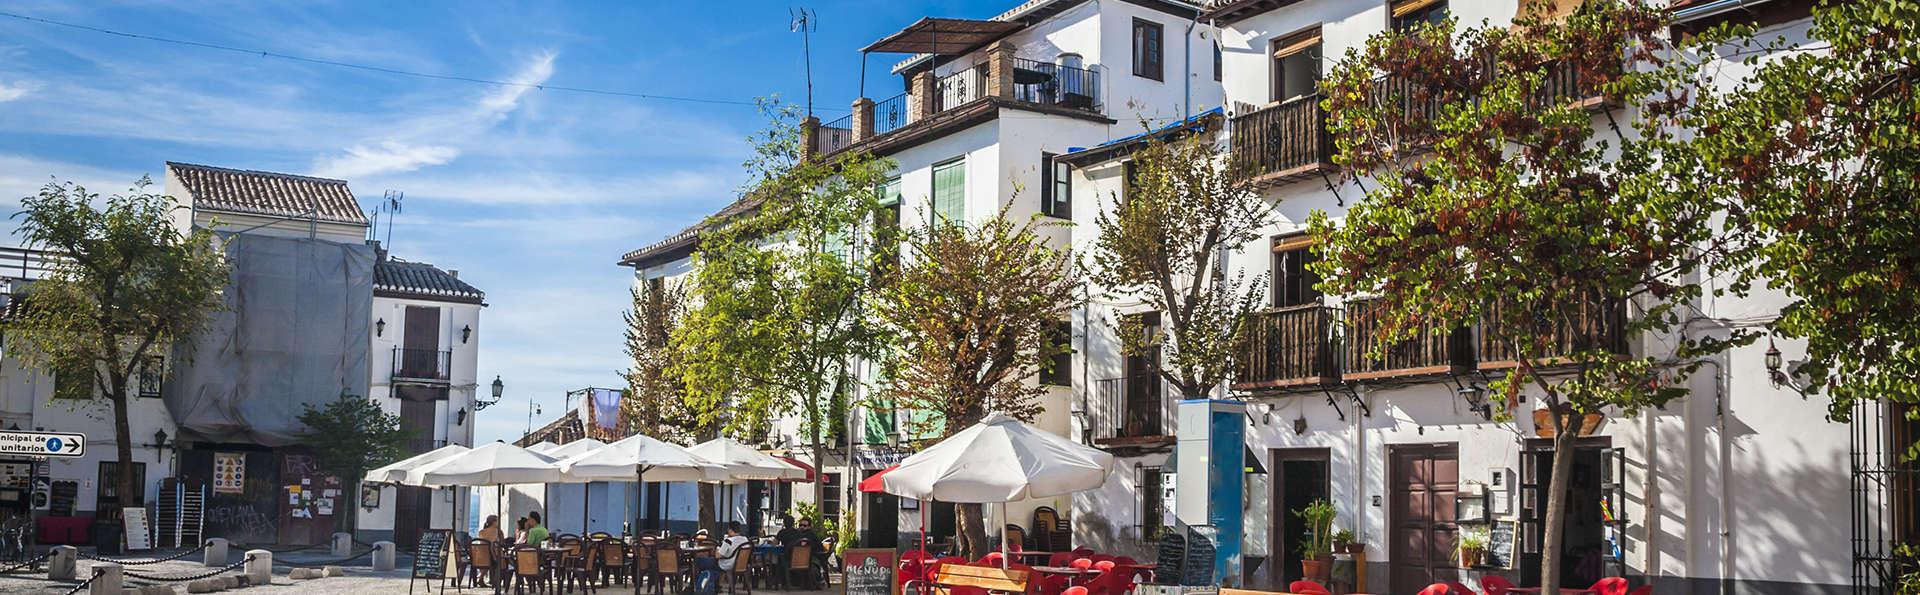 Allegro Granada by Barceló Hotel Group (inactif) - Edit_Granada.jpg